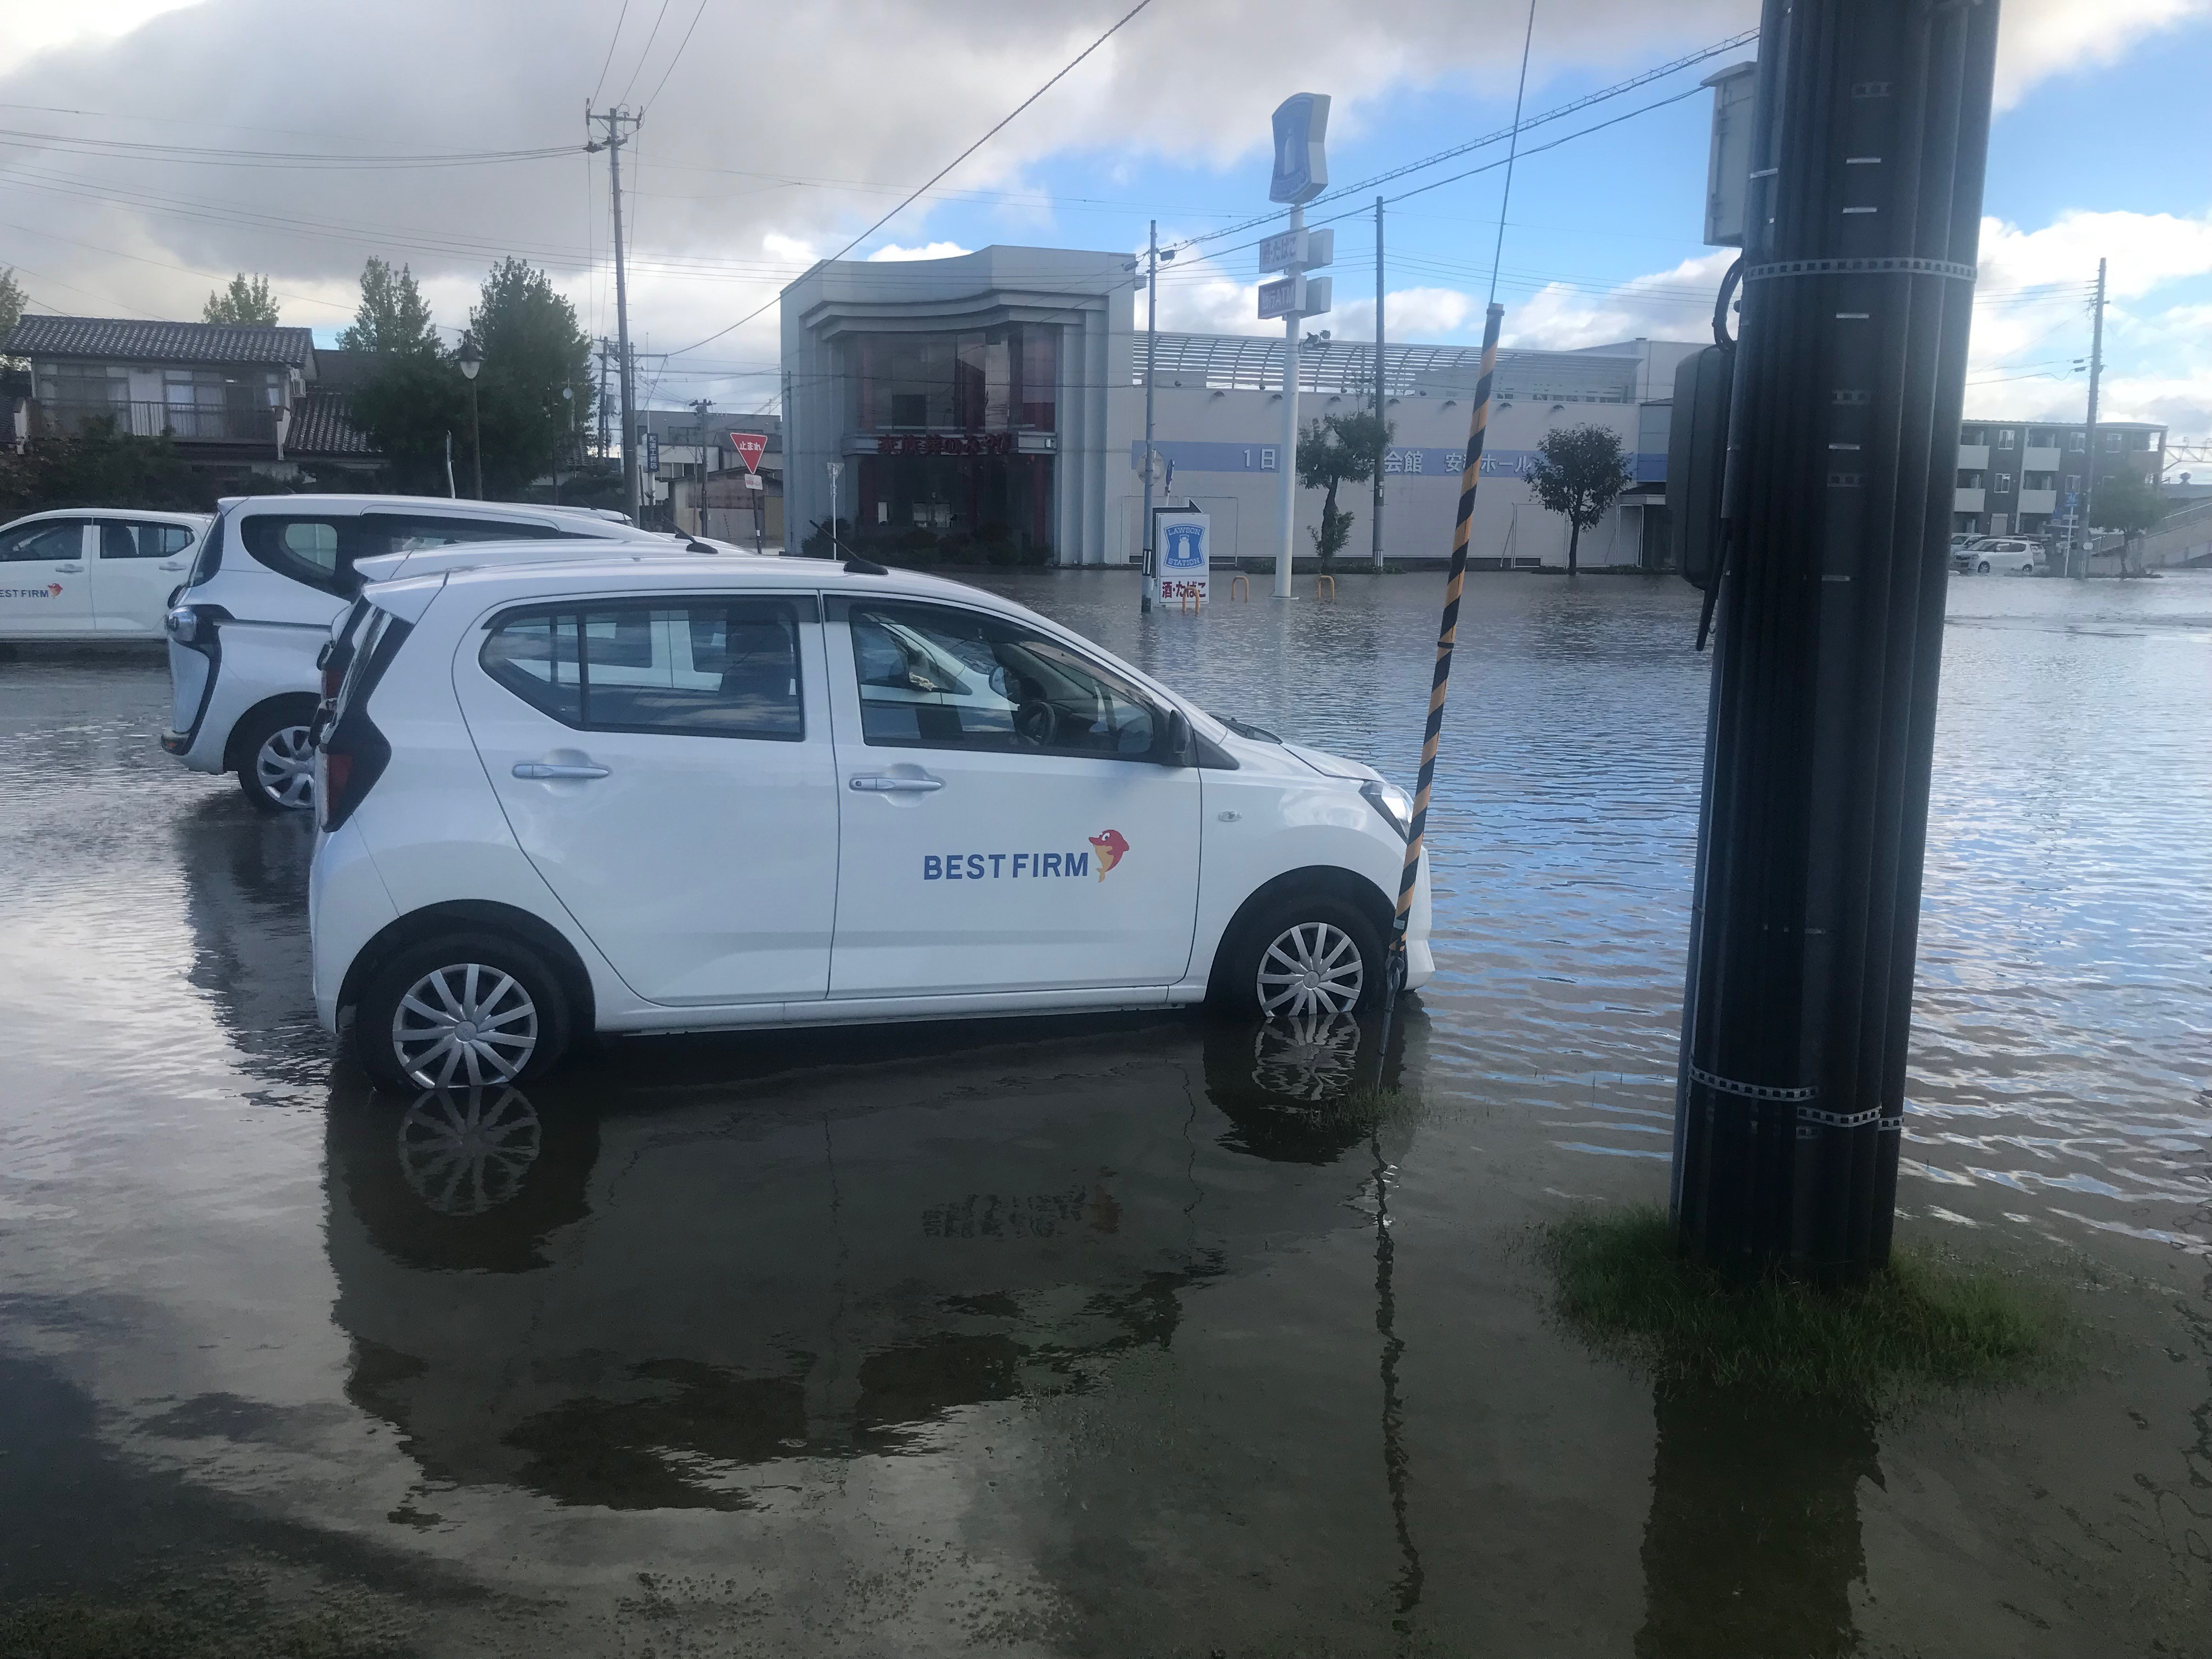 【ご報告】台風被害につきまして@福島県白河市・西郷村ぶらりポスティング一人旅